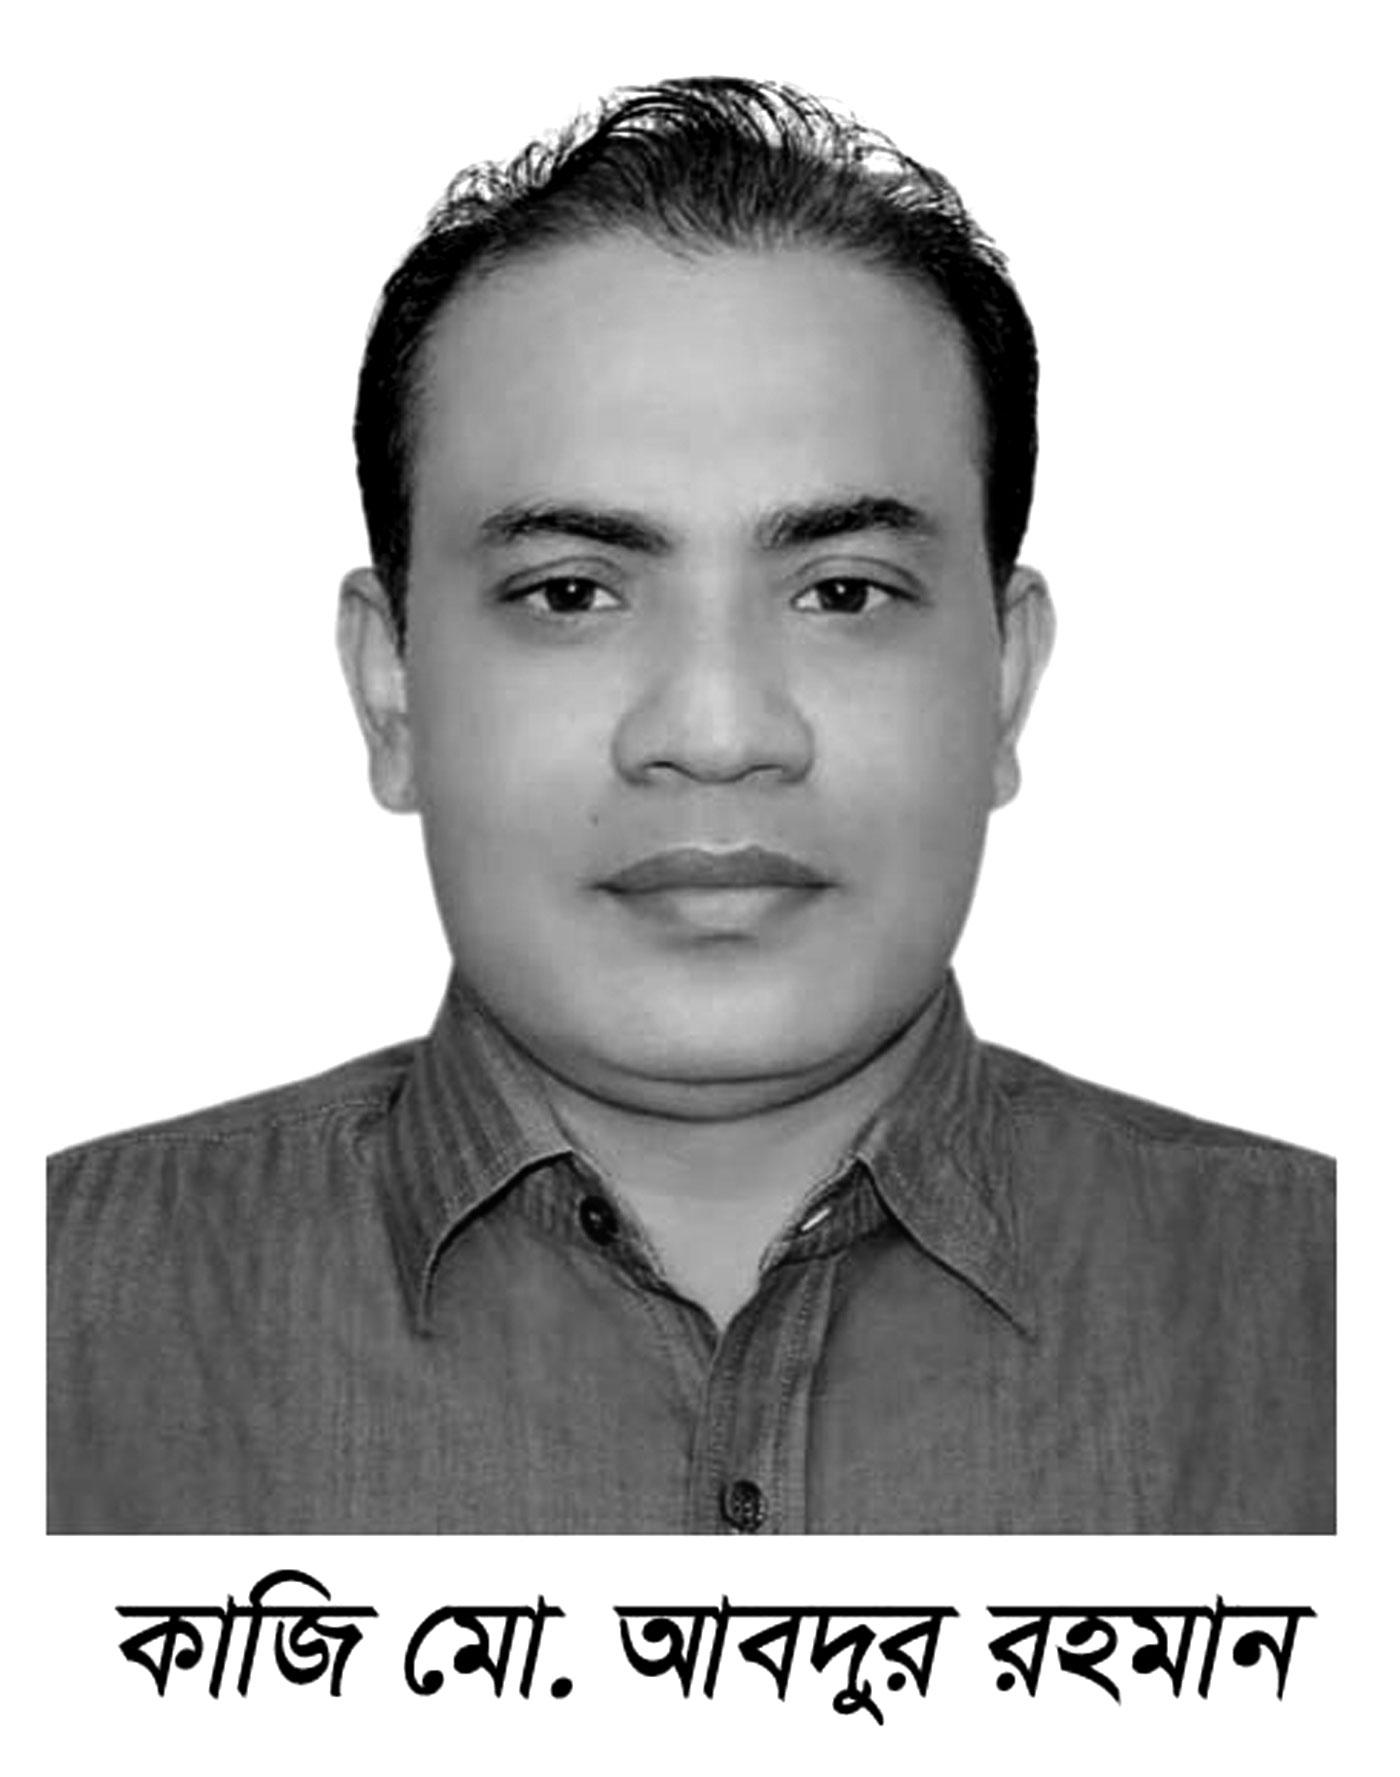 তথ্য অধিকার আইন বাস্তবায়নে প্রথম নেত্রকোনা জেলা